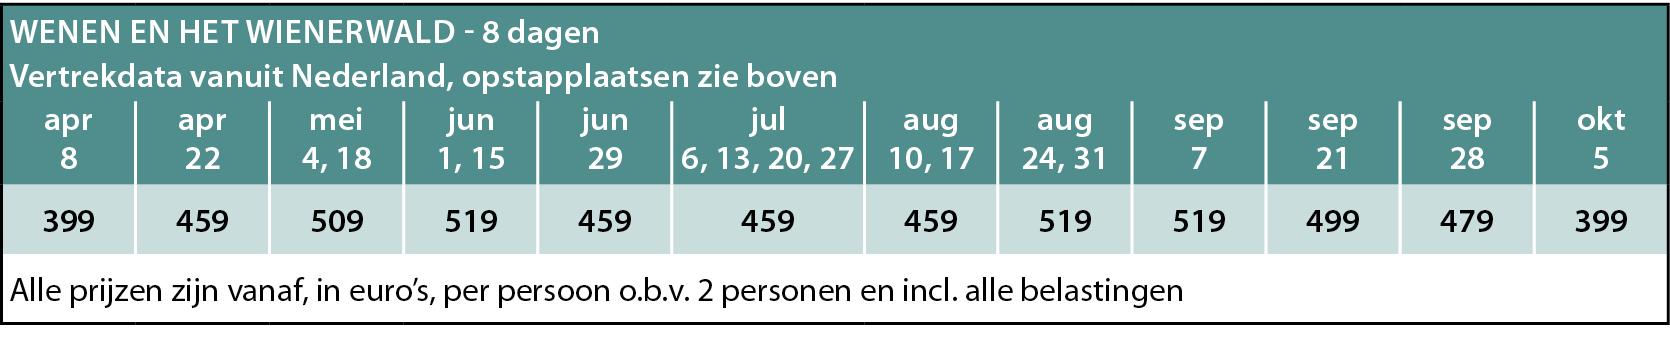 Prices-Wenen-Wienerwald-2019